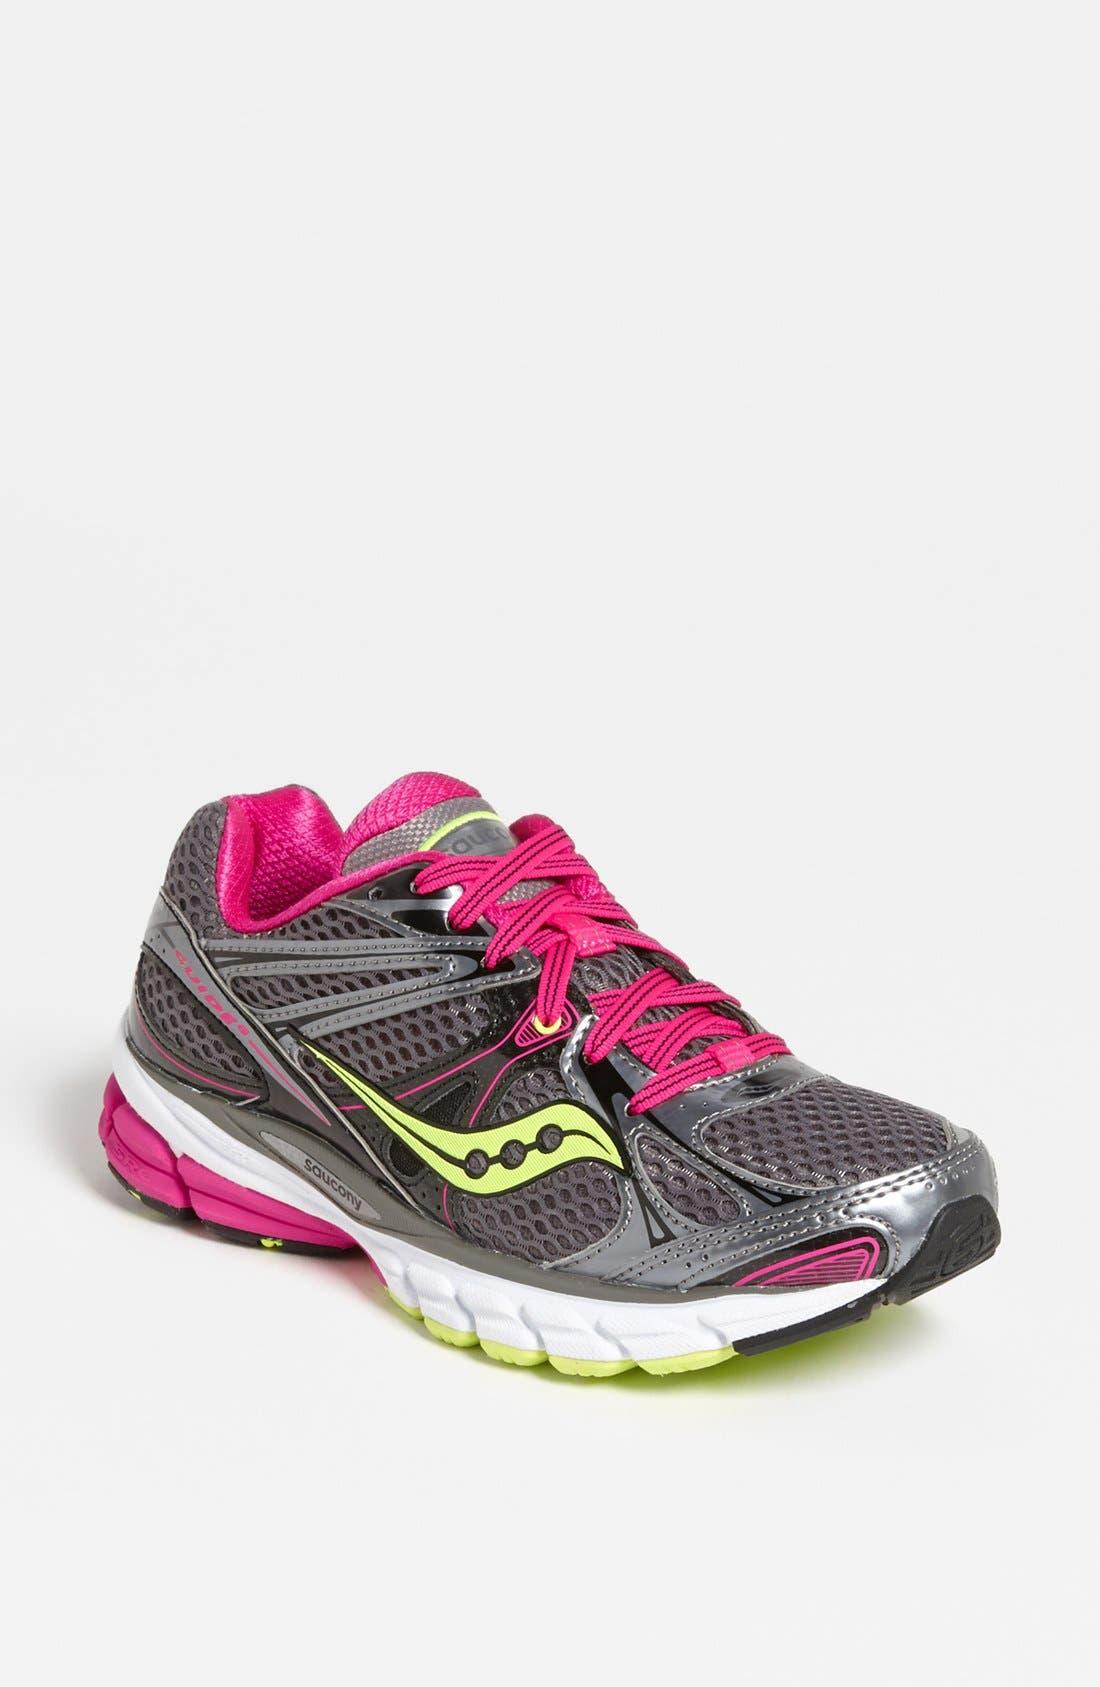 Main Image - Saucony 'Guide 6' Running Shoe (Women)